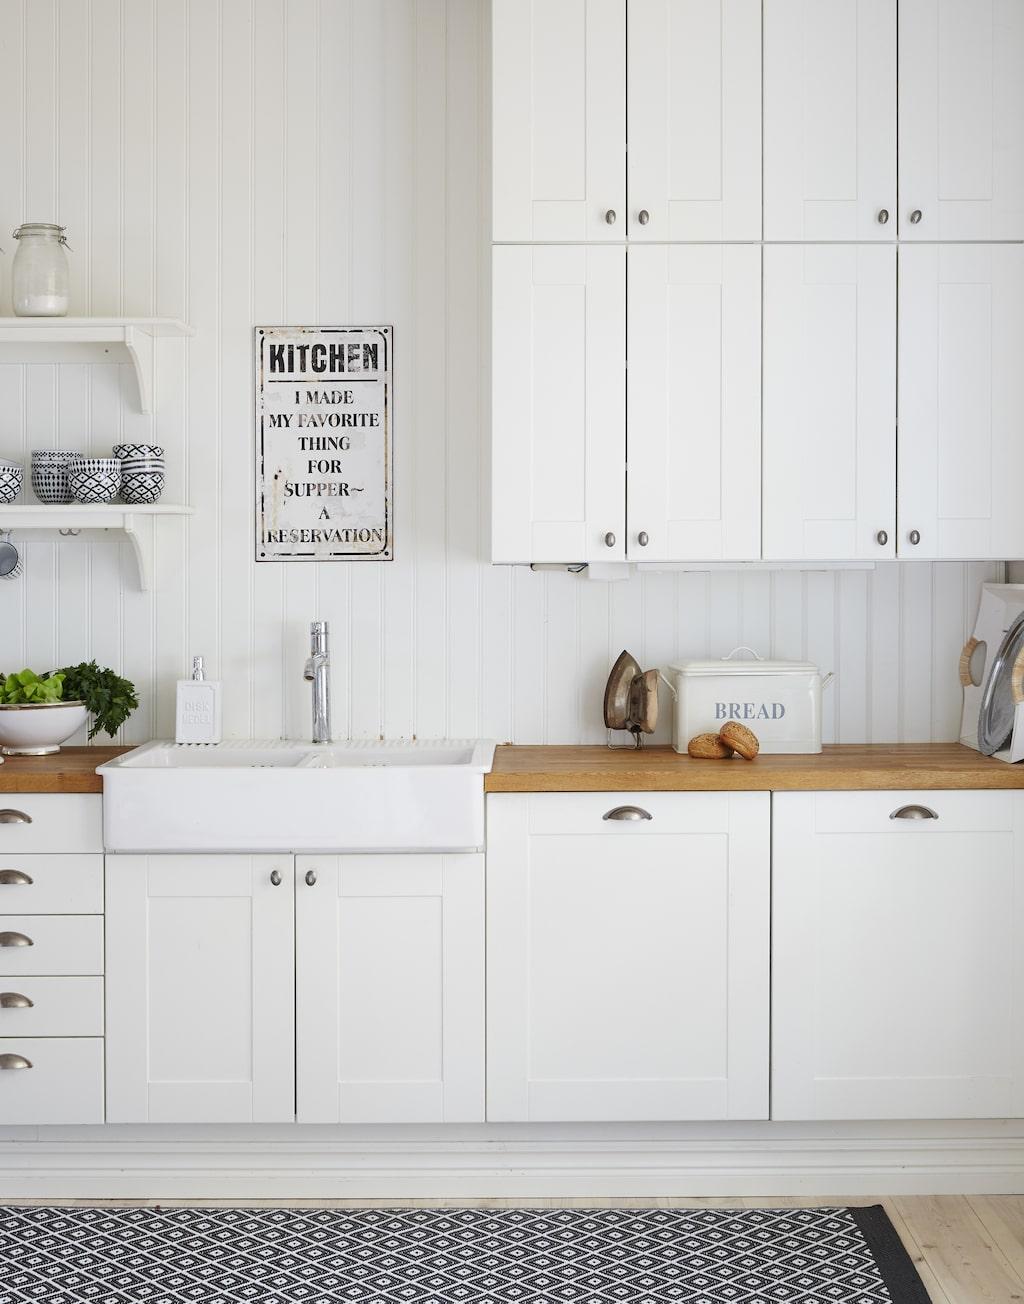 Malin ville skapa ett varmt och ombonat allmogekök. Med stommar från Ikea och lister som är specialbeställda från en lokal bygghandel har hon lyckats få köket att kännas näst intill platsbyggt.